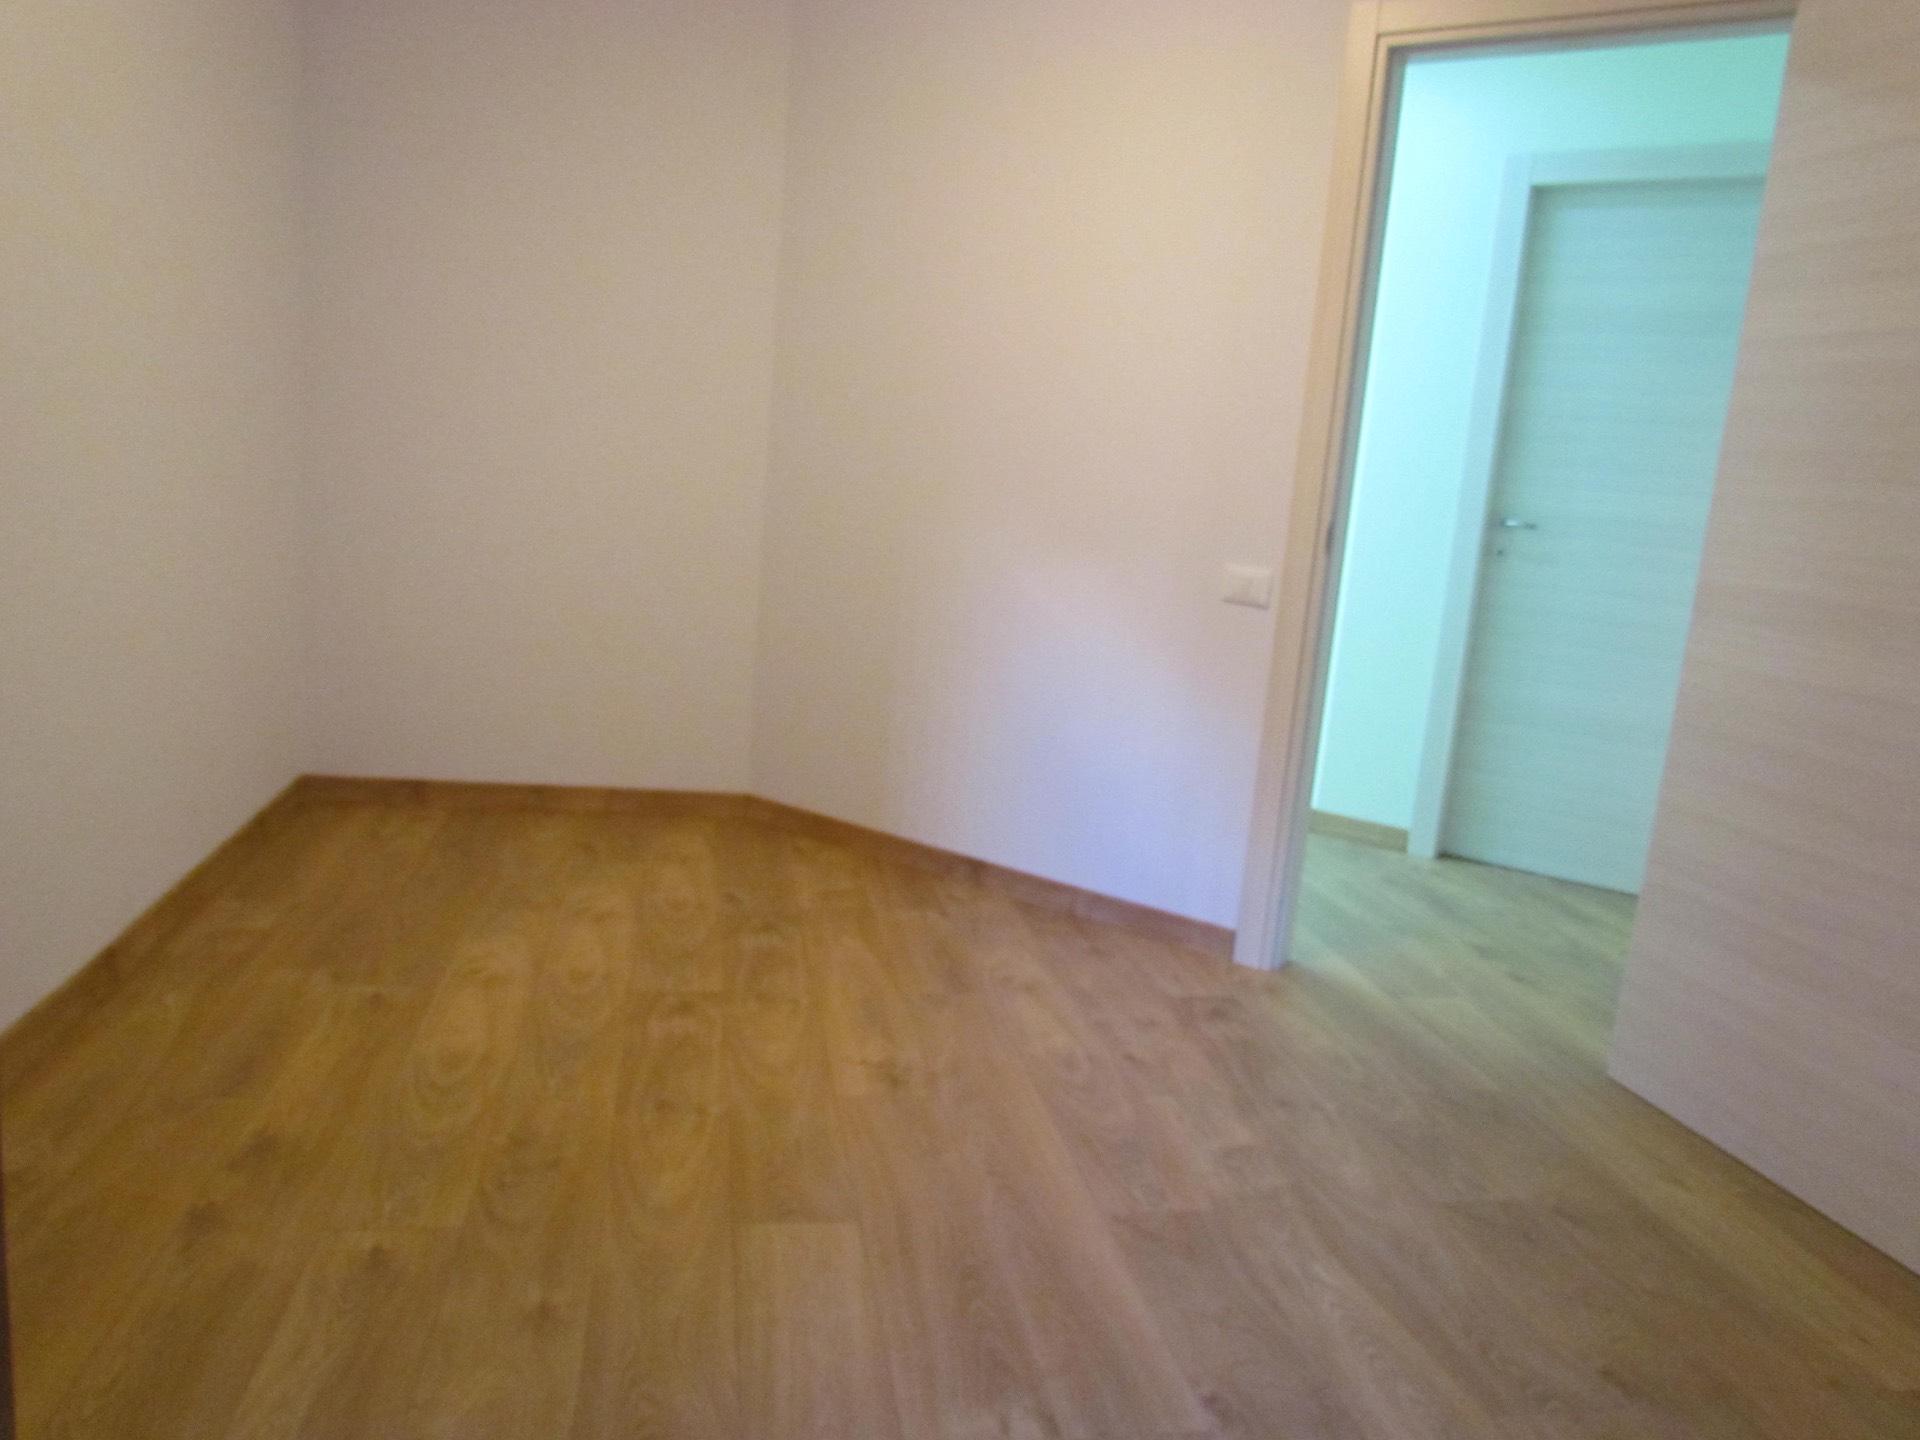 Ufficio / Studio in affitto a Palermo, 9999 locali, zona Zona: Notarbartolo, prezzo € 680   CambioCasa.it